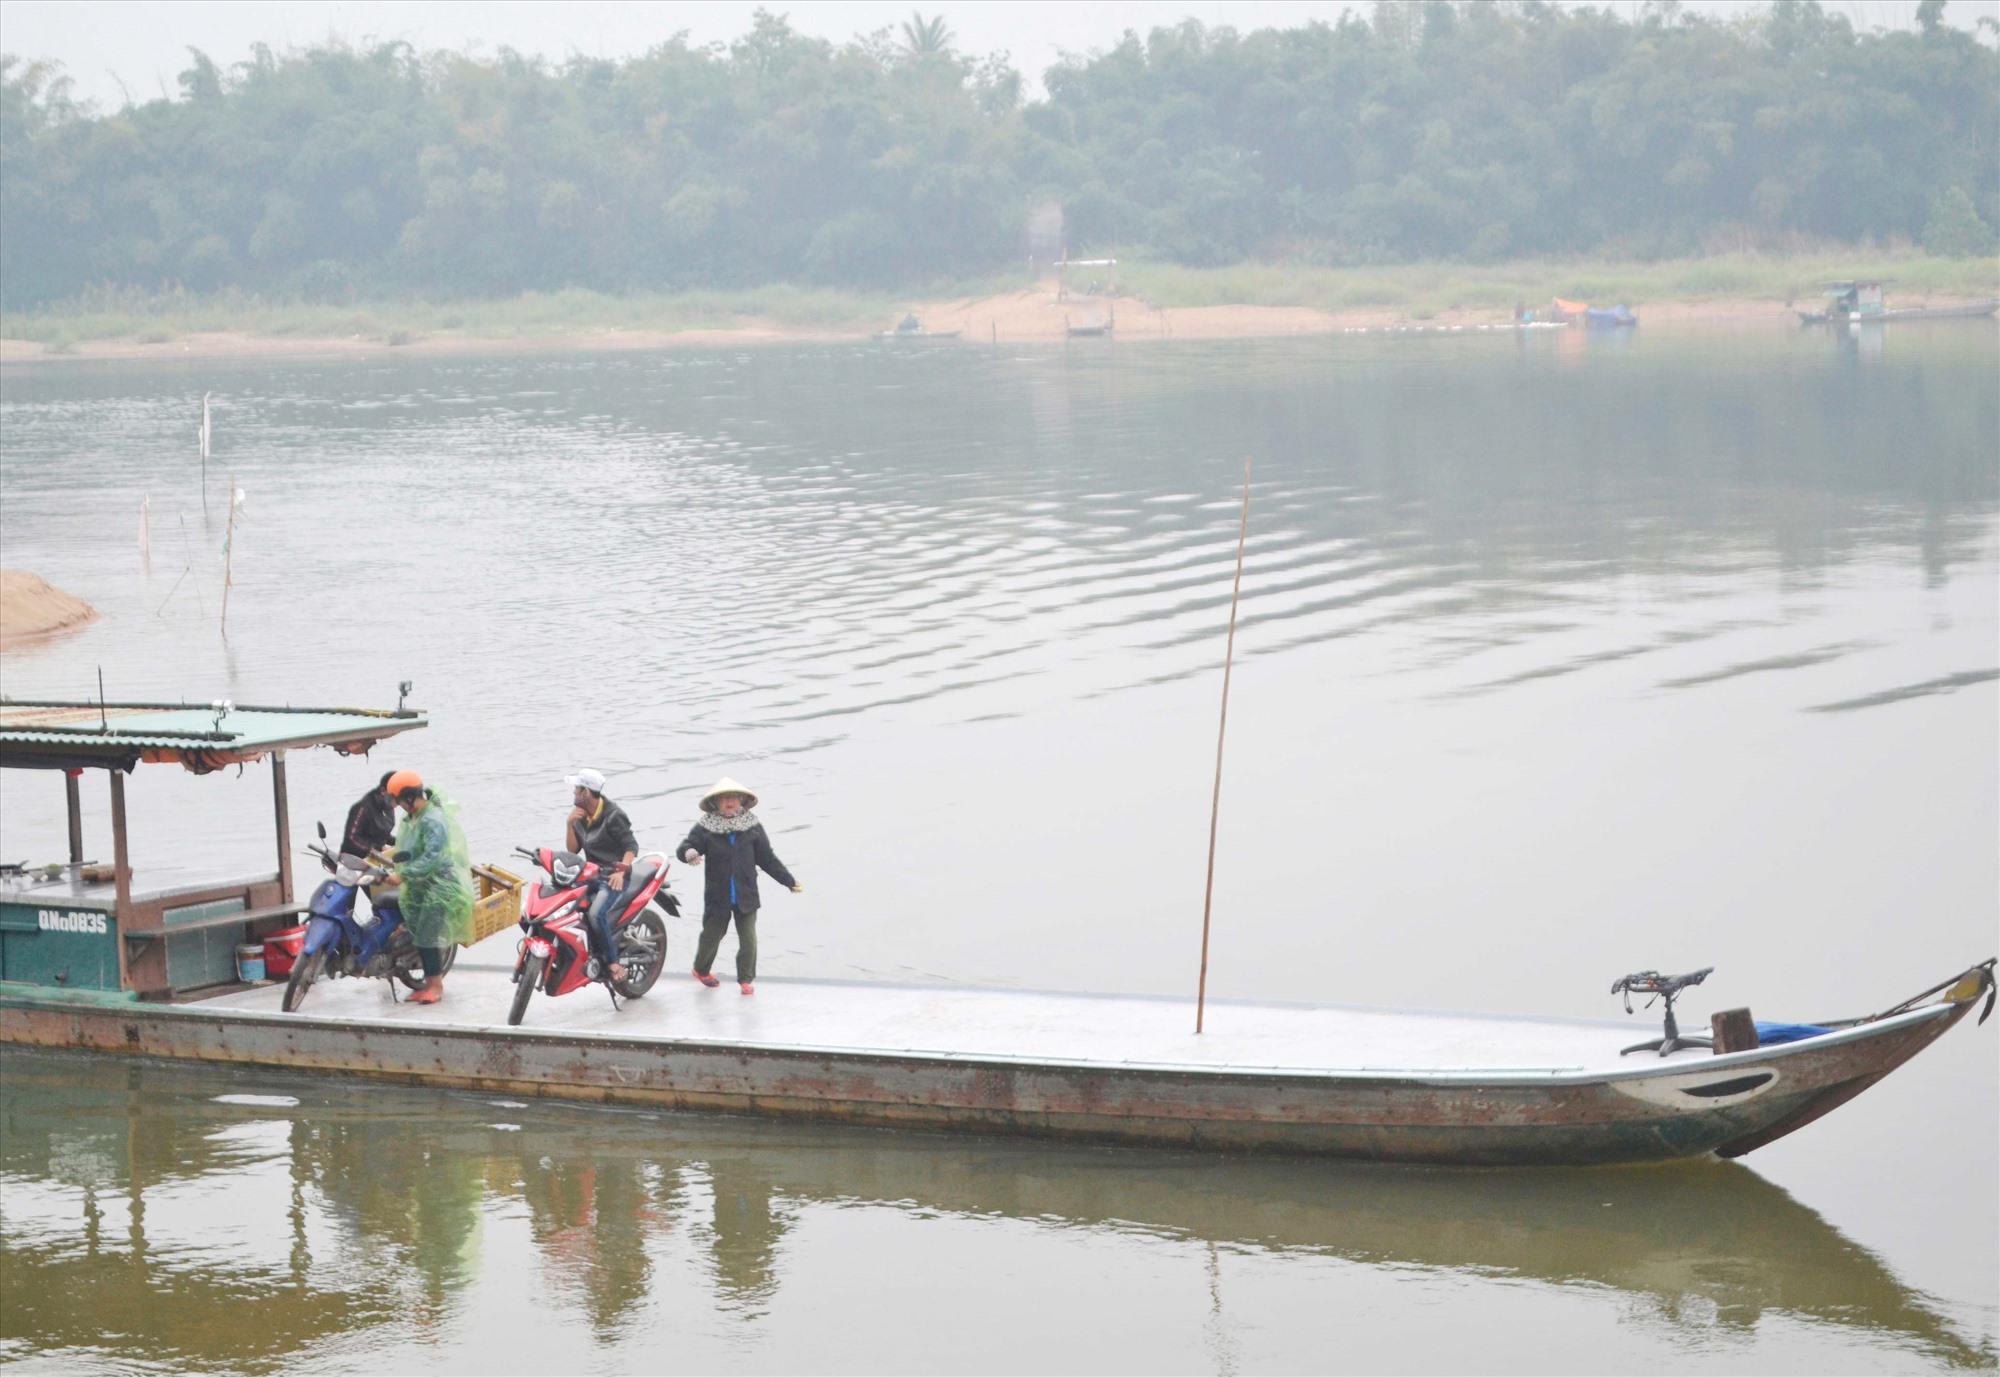 Vận chuyển khách ngang sông trên bến đò Duy Tân (Duy Xuyên) - Phú Thuận (Đại Lộc). Ảnh: C.T